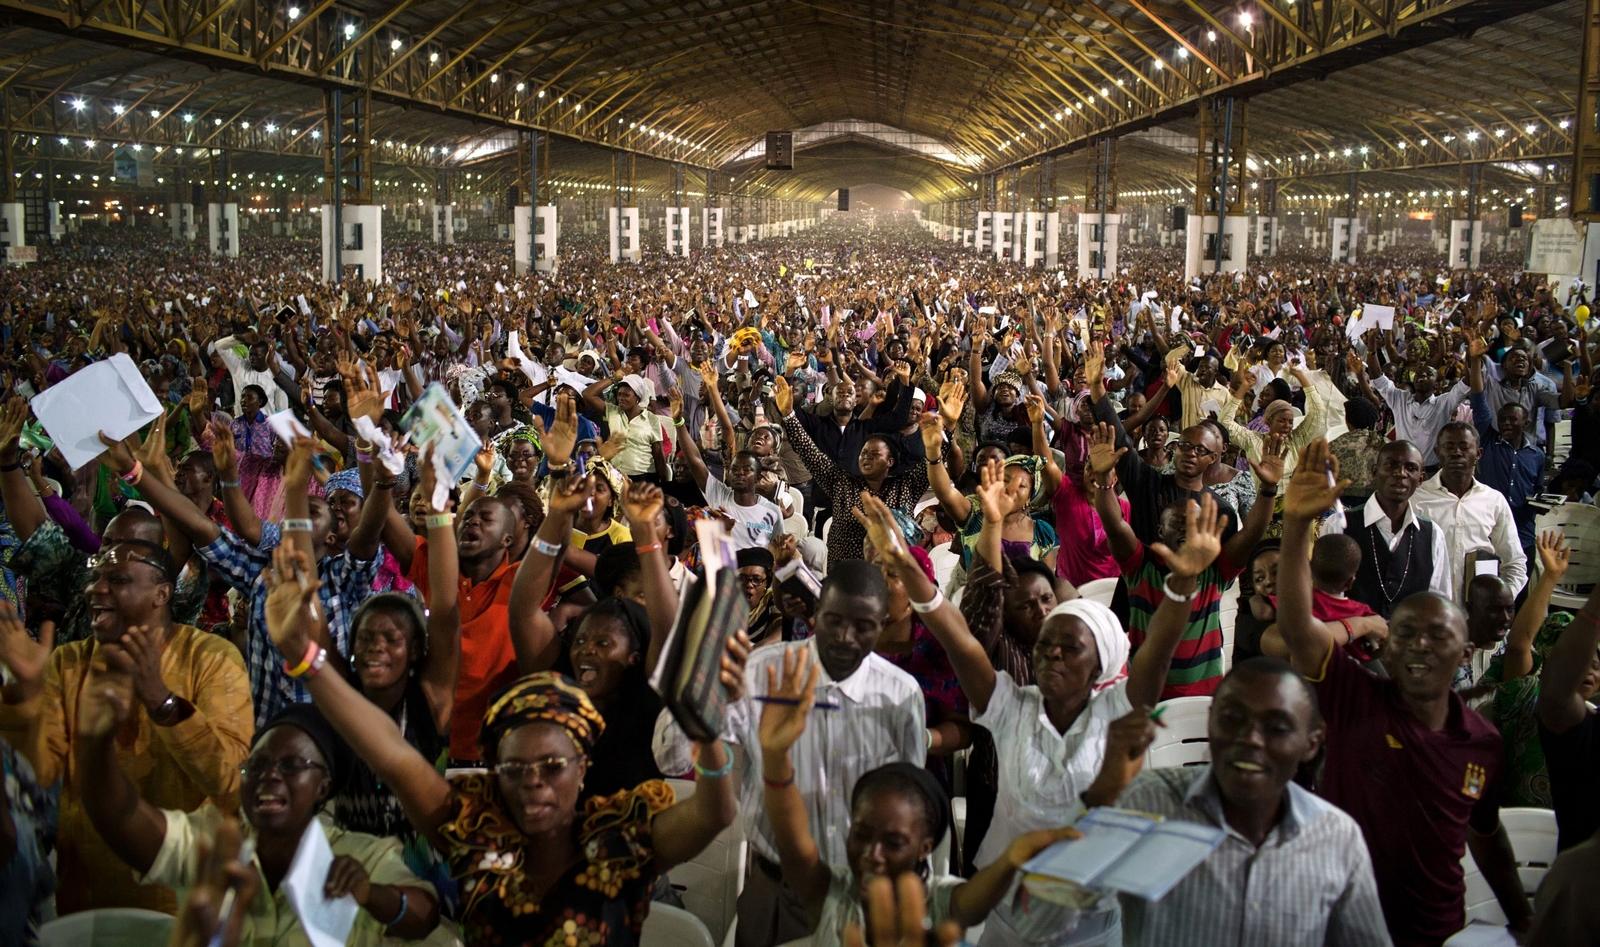 Por qué los Occidentales debemos Mirar con Atención al Cristianismo en África